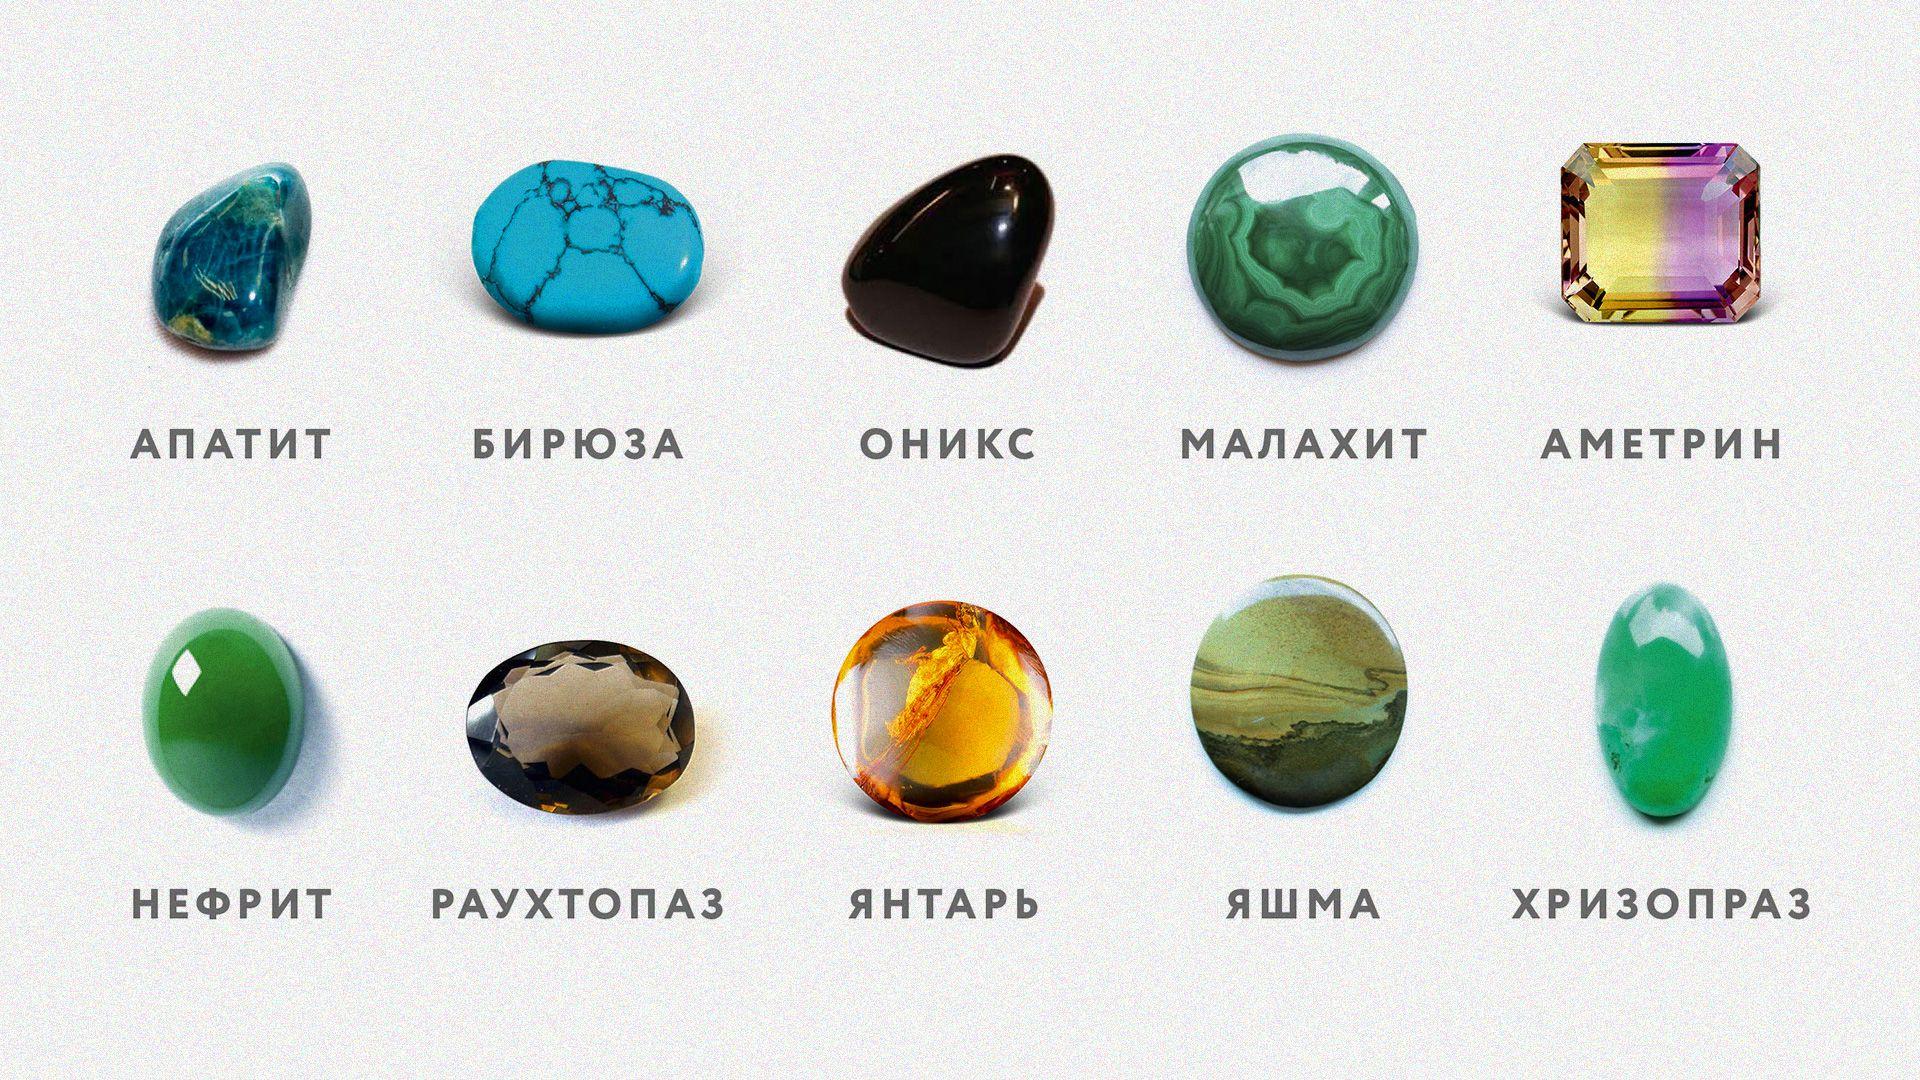 Картинки с драгоценными камнями и названиями